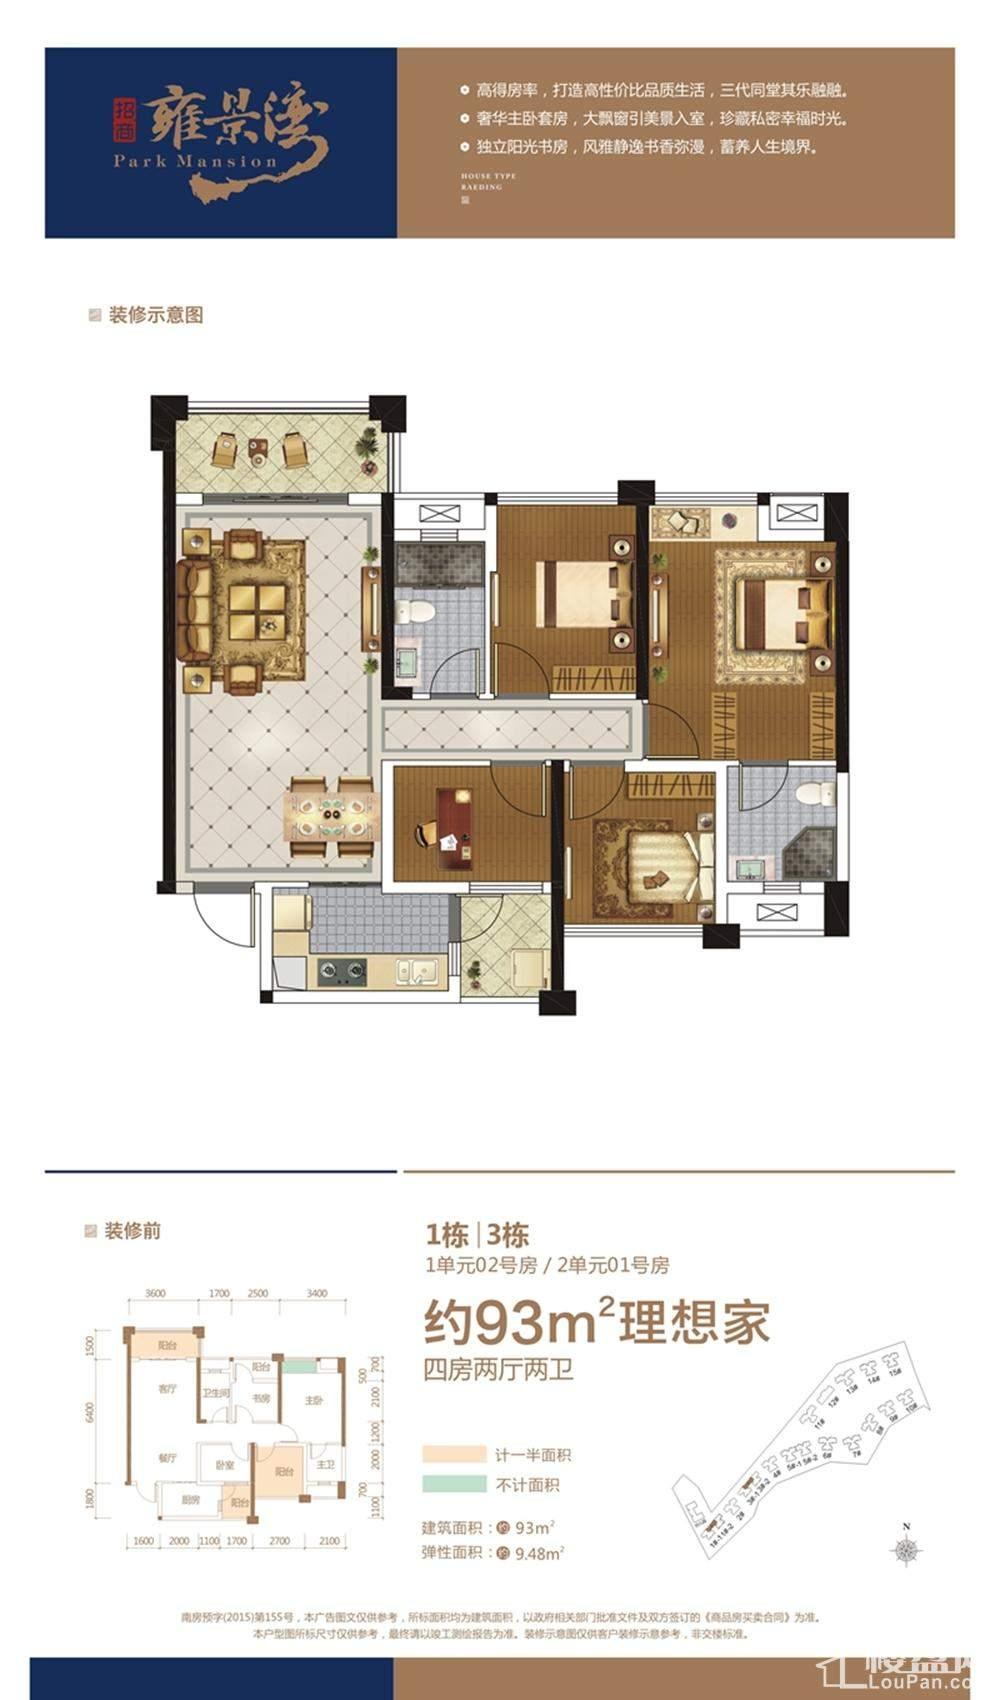 招商雍景湾1#和3#楼